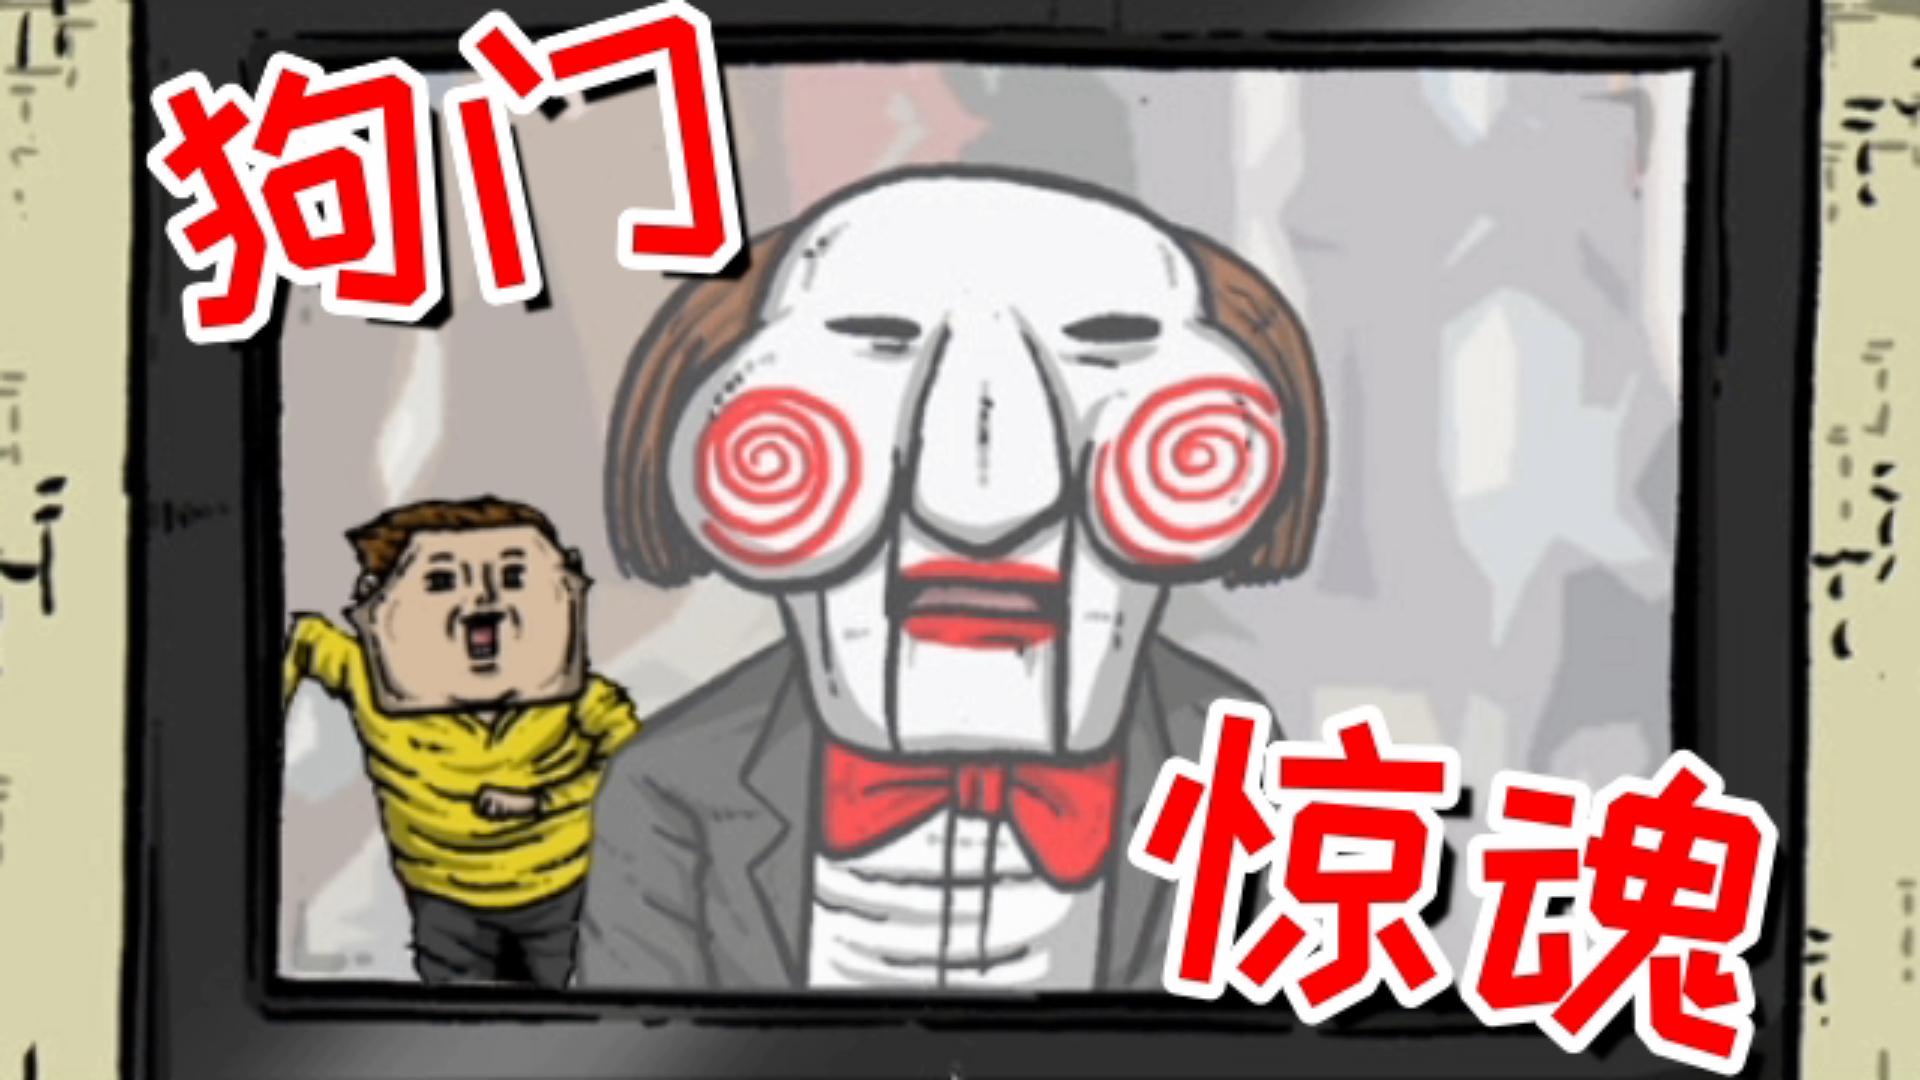 【秋田】狗 门 惊 魂【配音漫画#58】